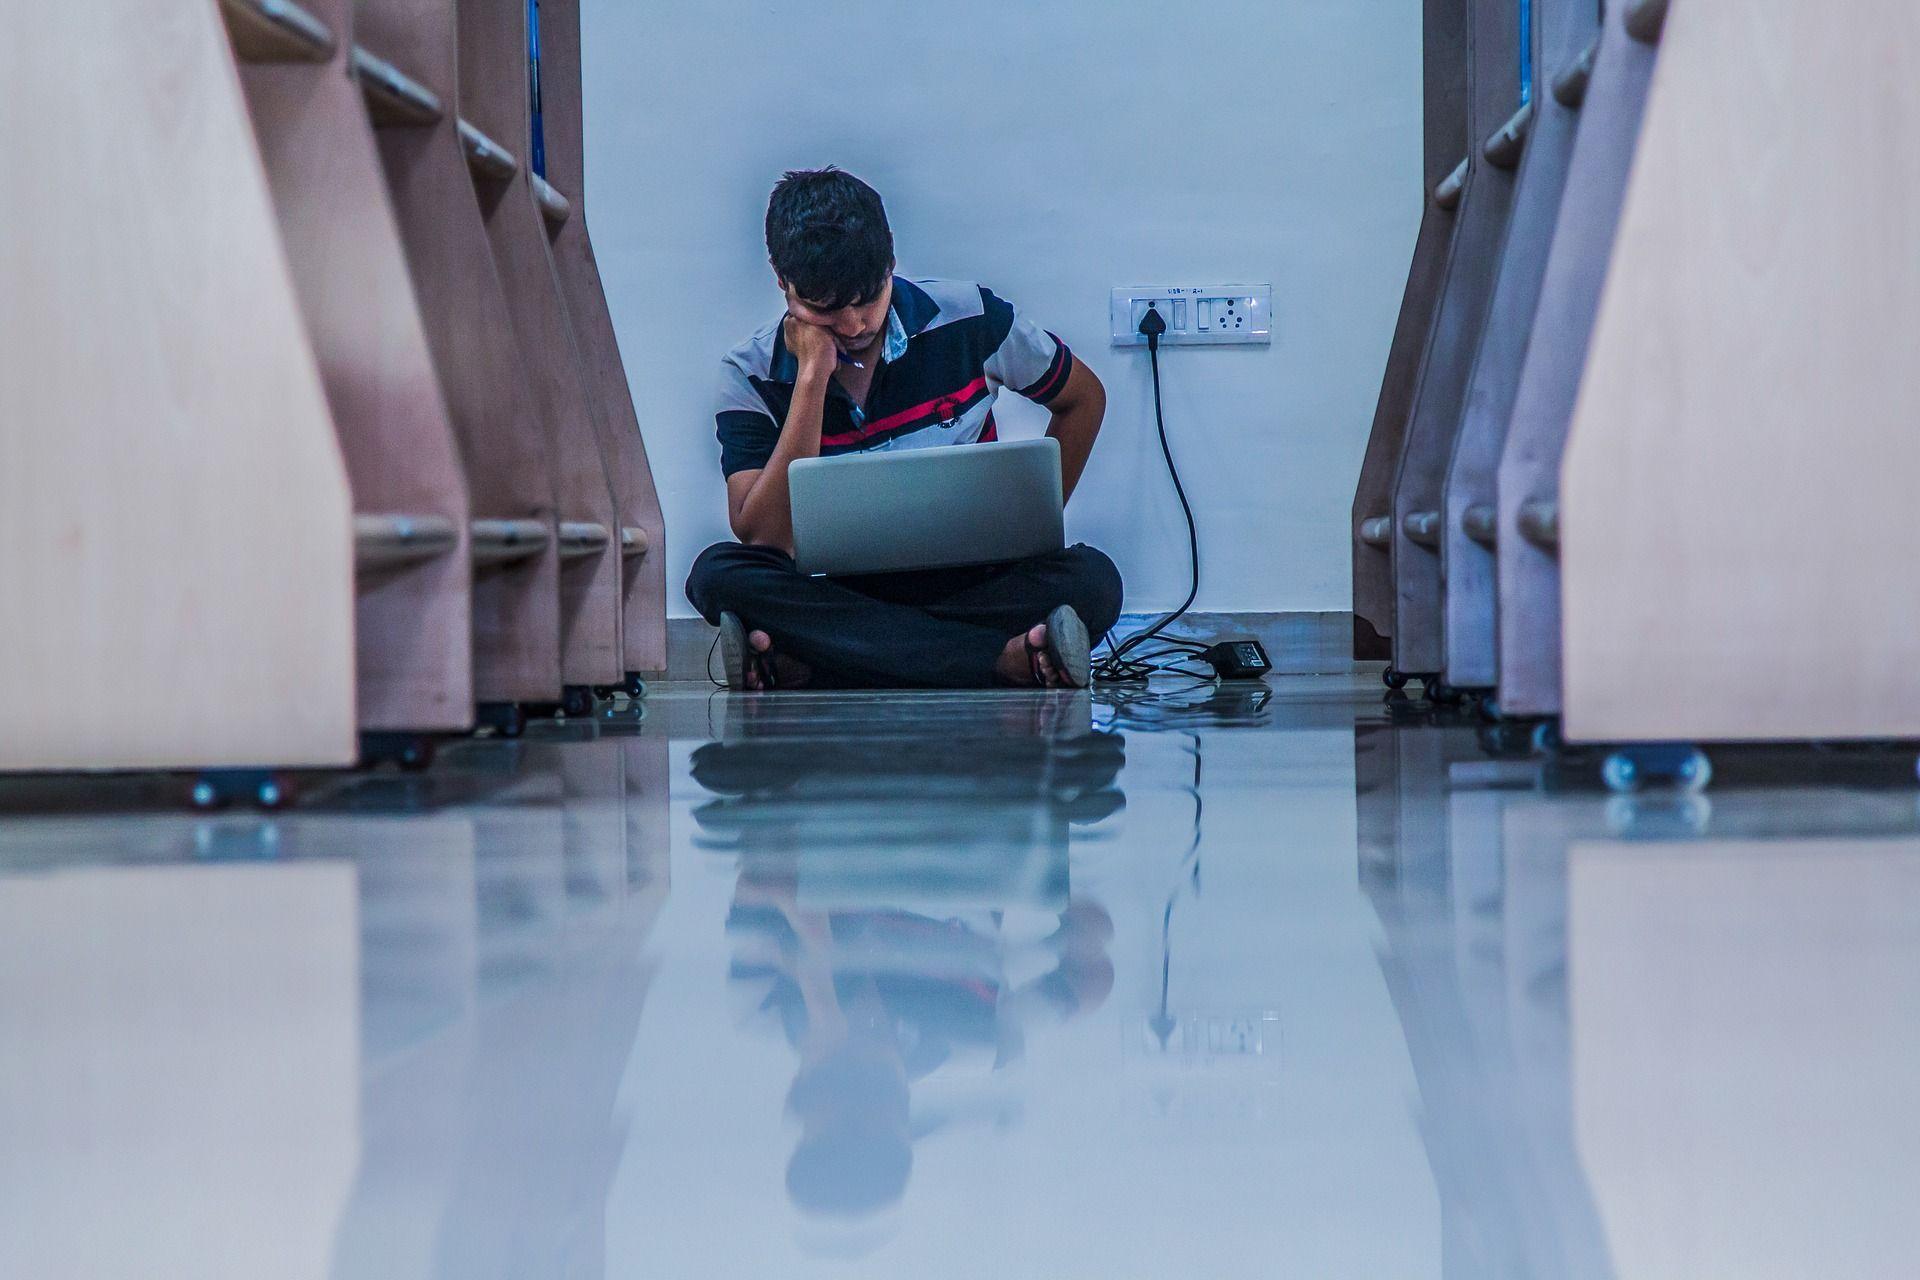 تكنولوجيا التعليم اليوم تمهّد الطريق لمبتكري المستقبل